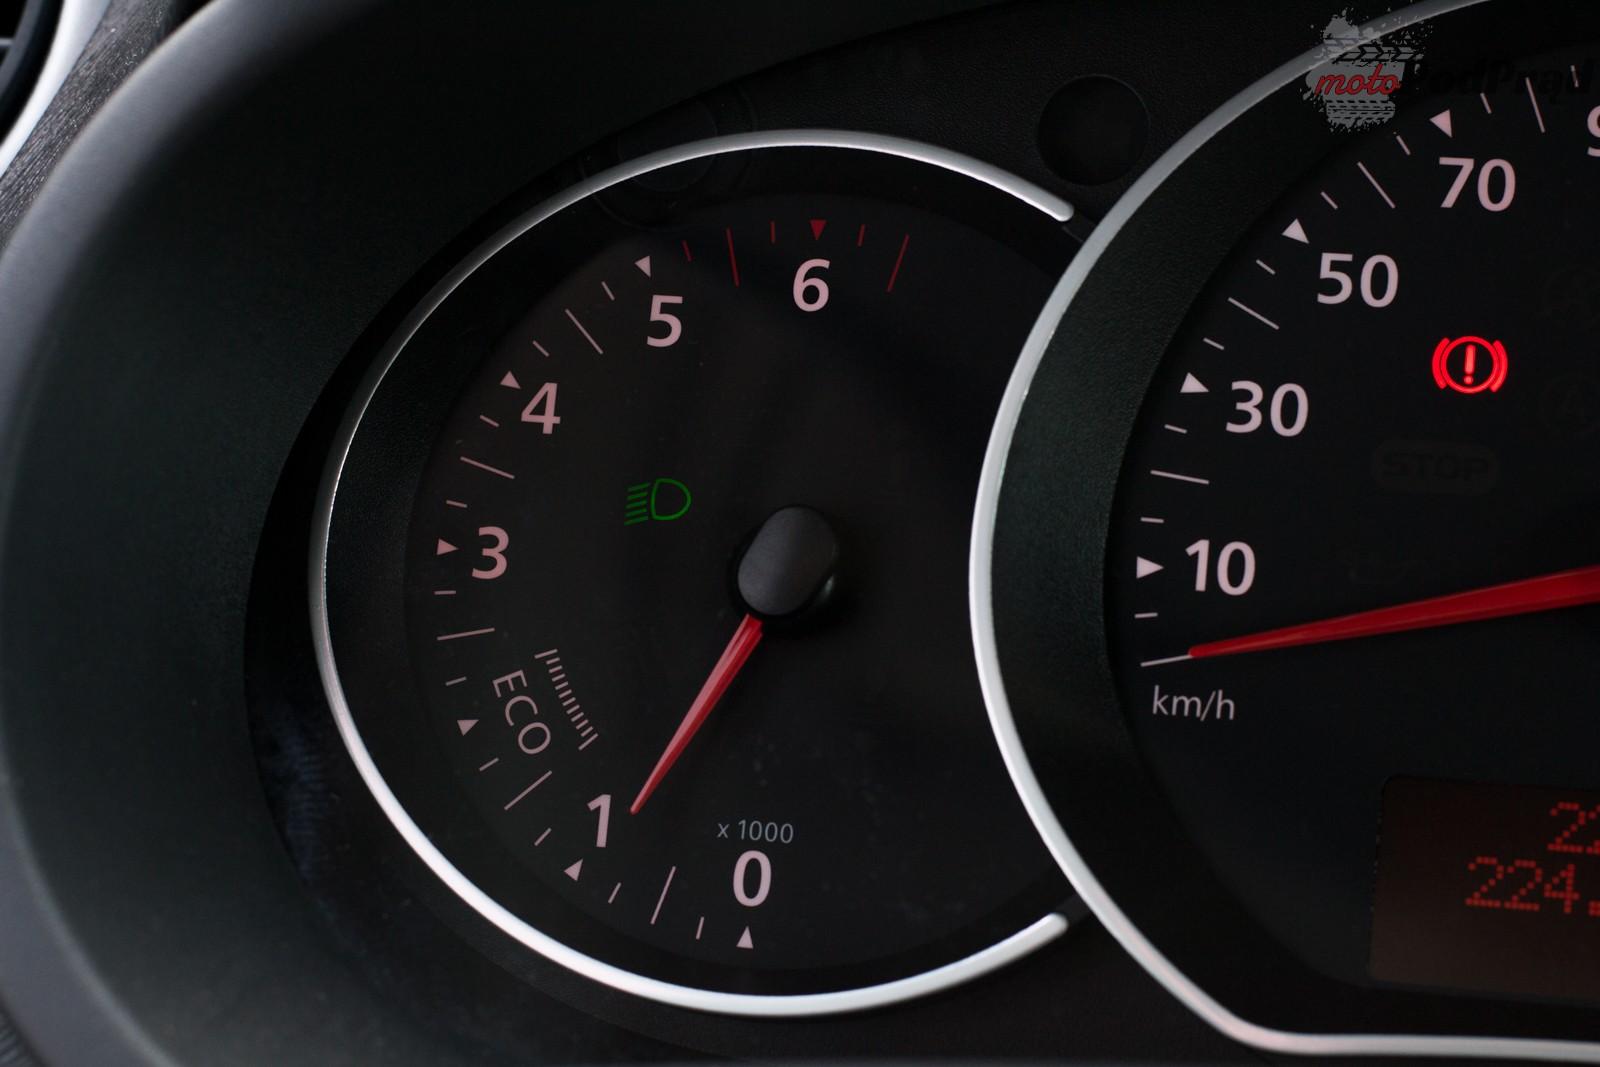 DSC 0426 Test: Renault Kangoo Express 1.5 dCi 90 KM   silnik to za mało